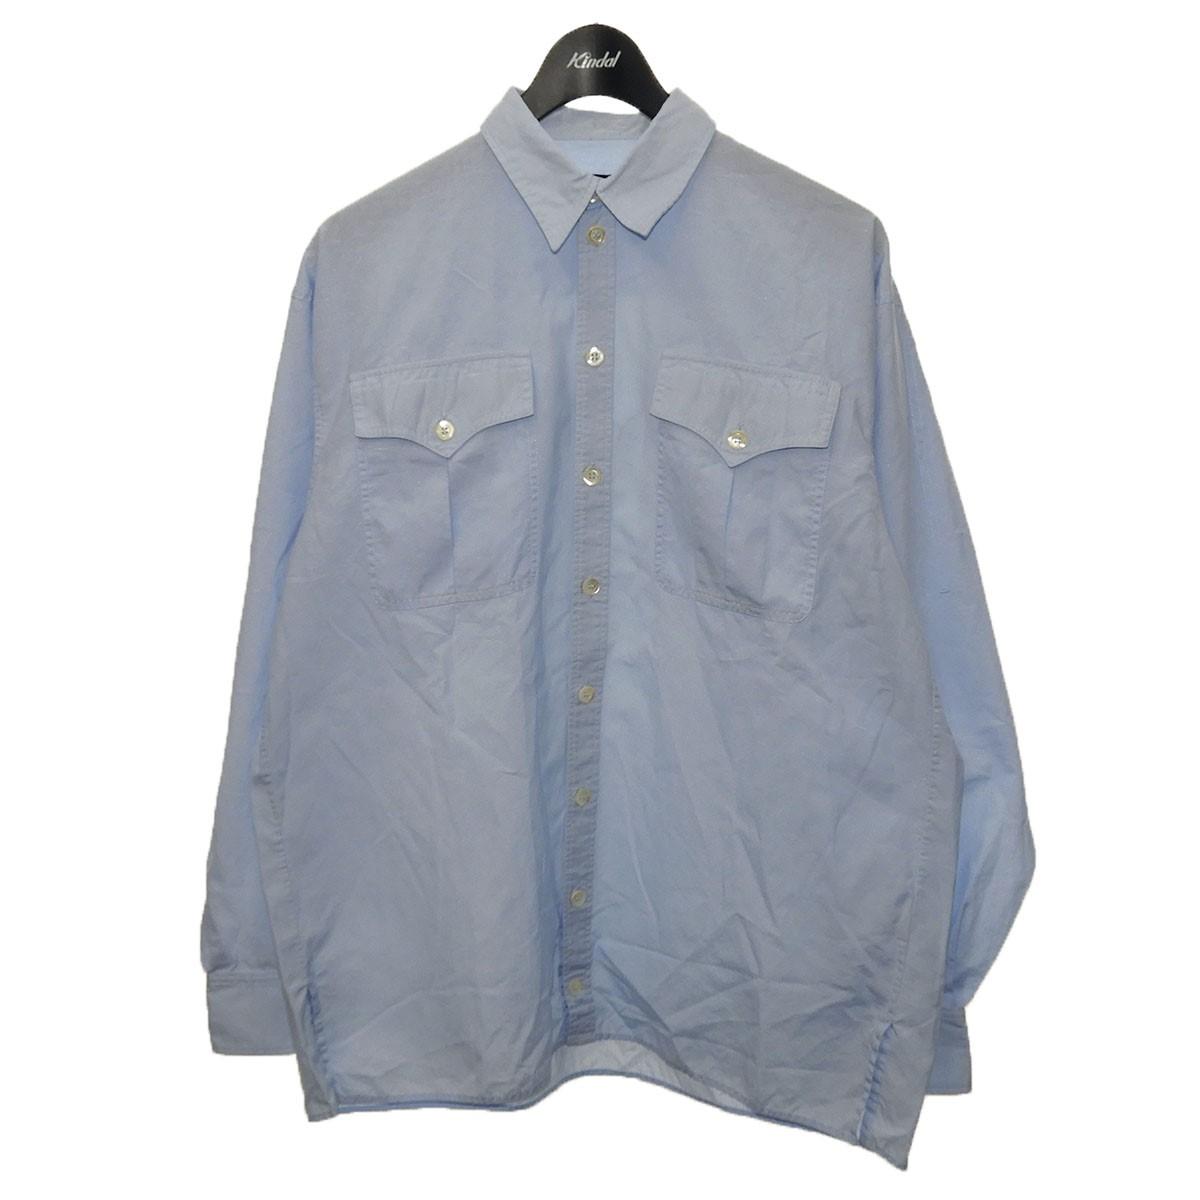 ワイプロジェクト 中古 公式ストア Y.PROJECT 海外輸入 レイヤードデザインシャツ 090221 サックスブルー サイズ:XL